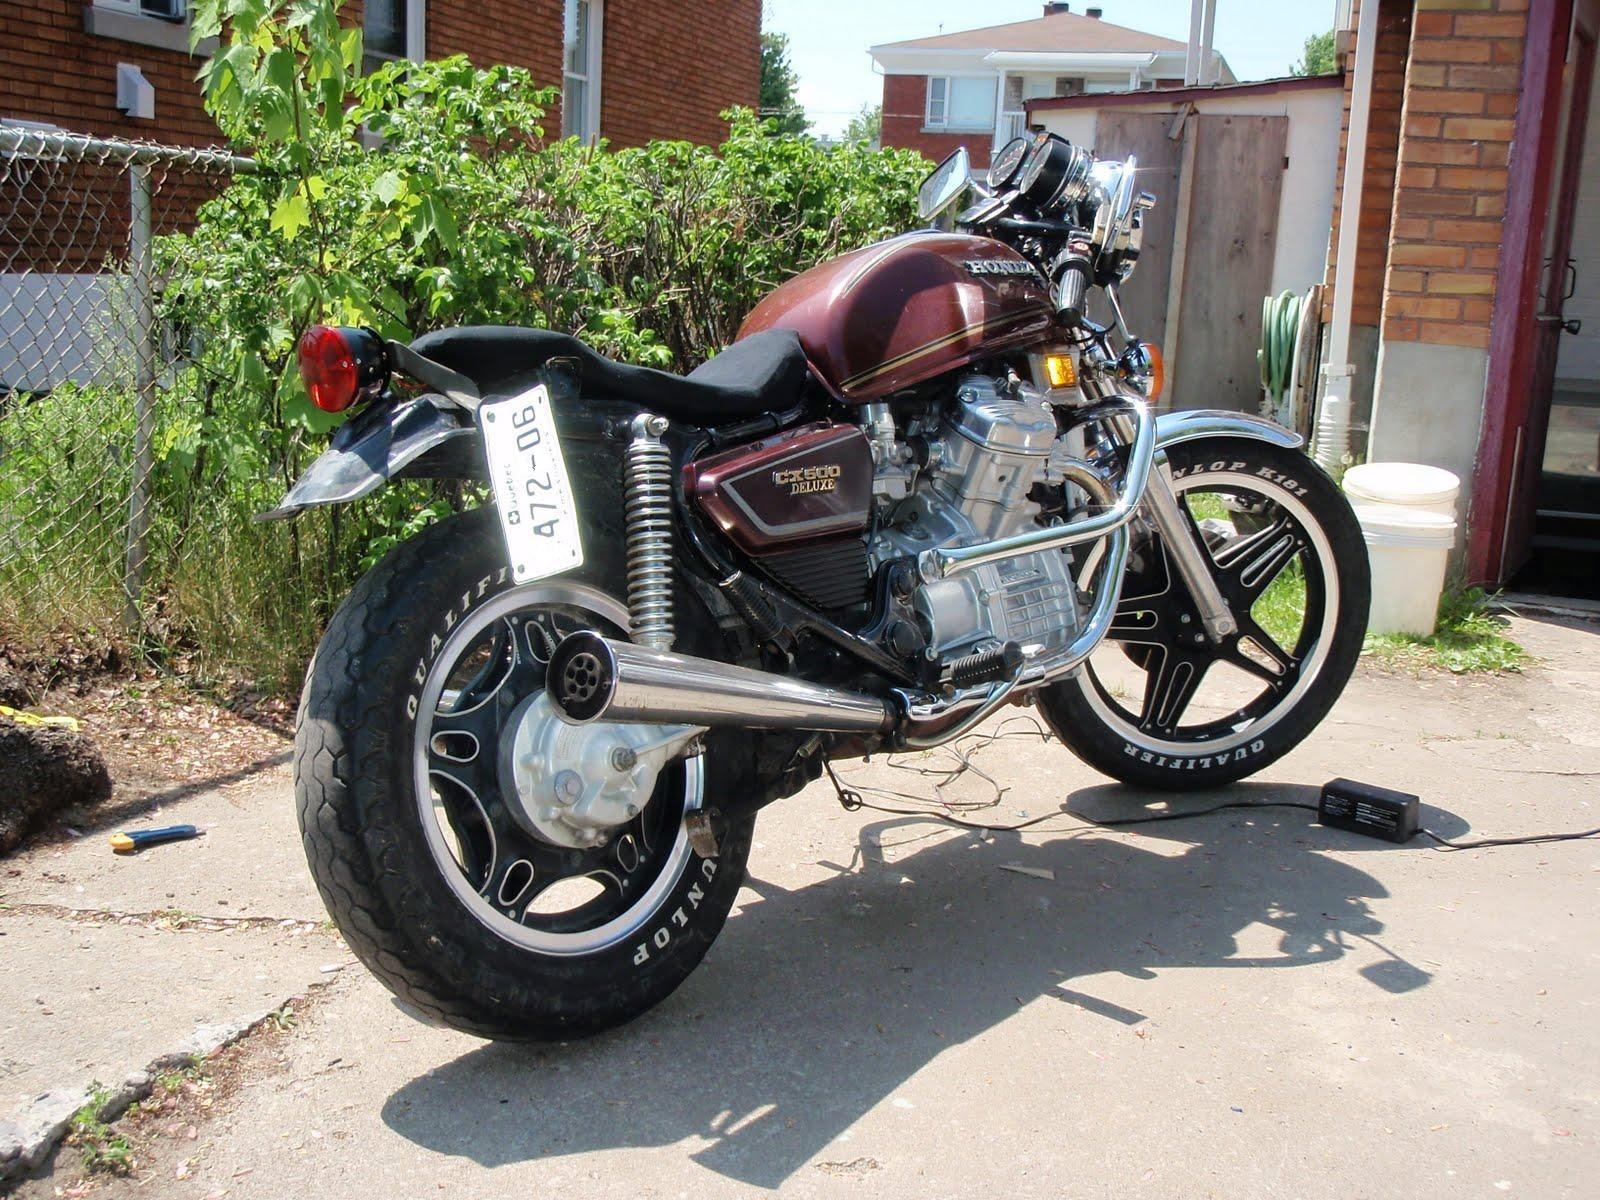 honda cx500 cafe racer project cafe racer motorcycles. Black Bedroom Furniture Sets. Home Design Ideas